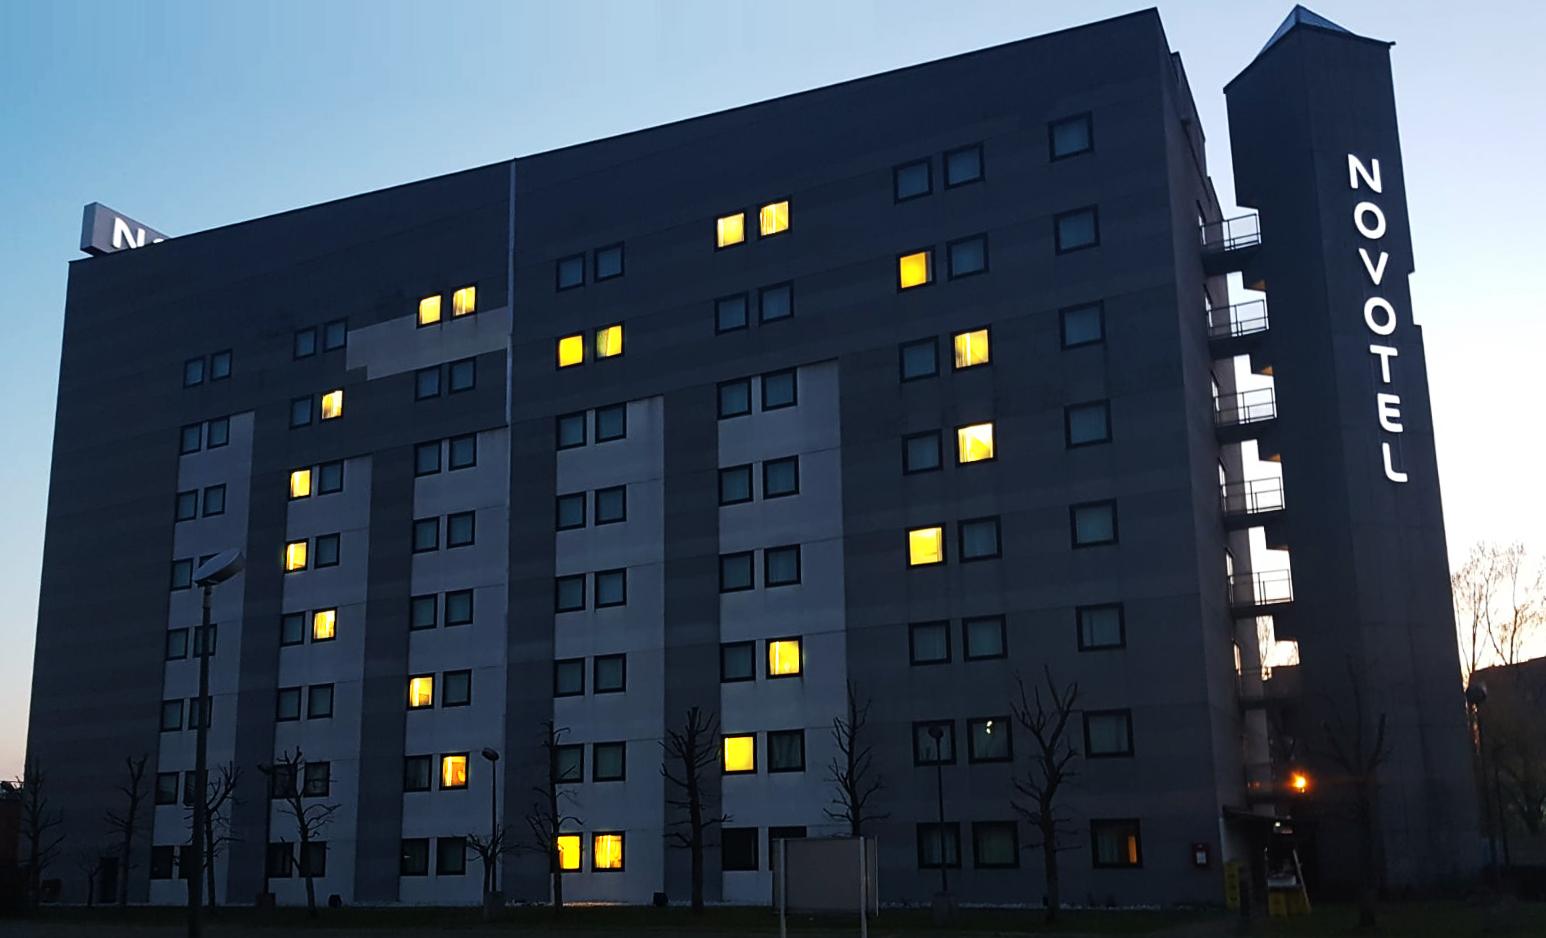 Hotel Novotel Linate - Corso22